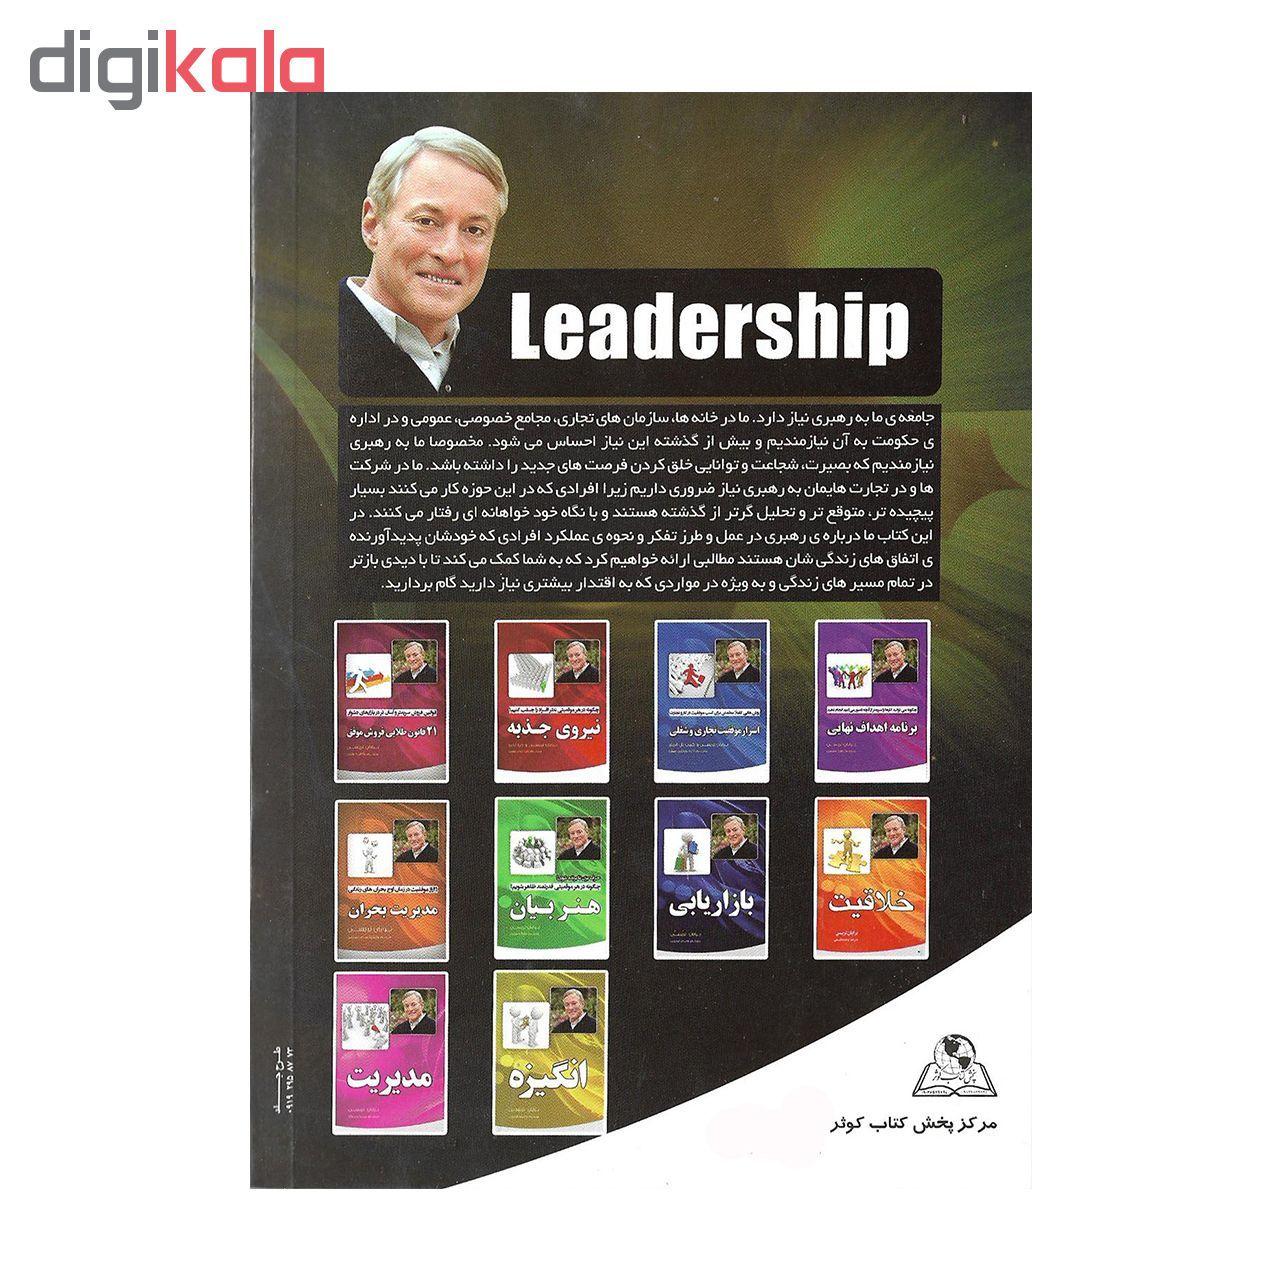 کتاب رهبری اثر برایان تریسی main 1 2